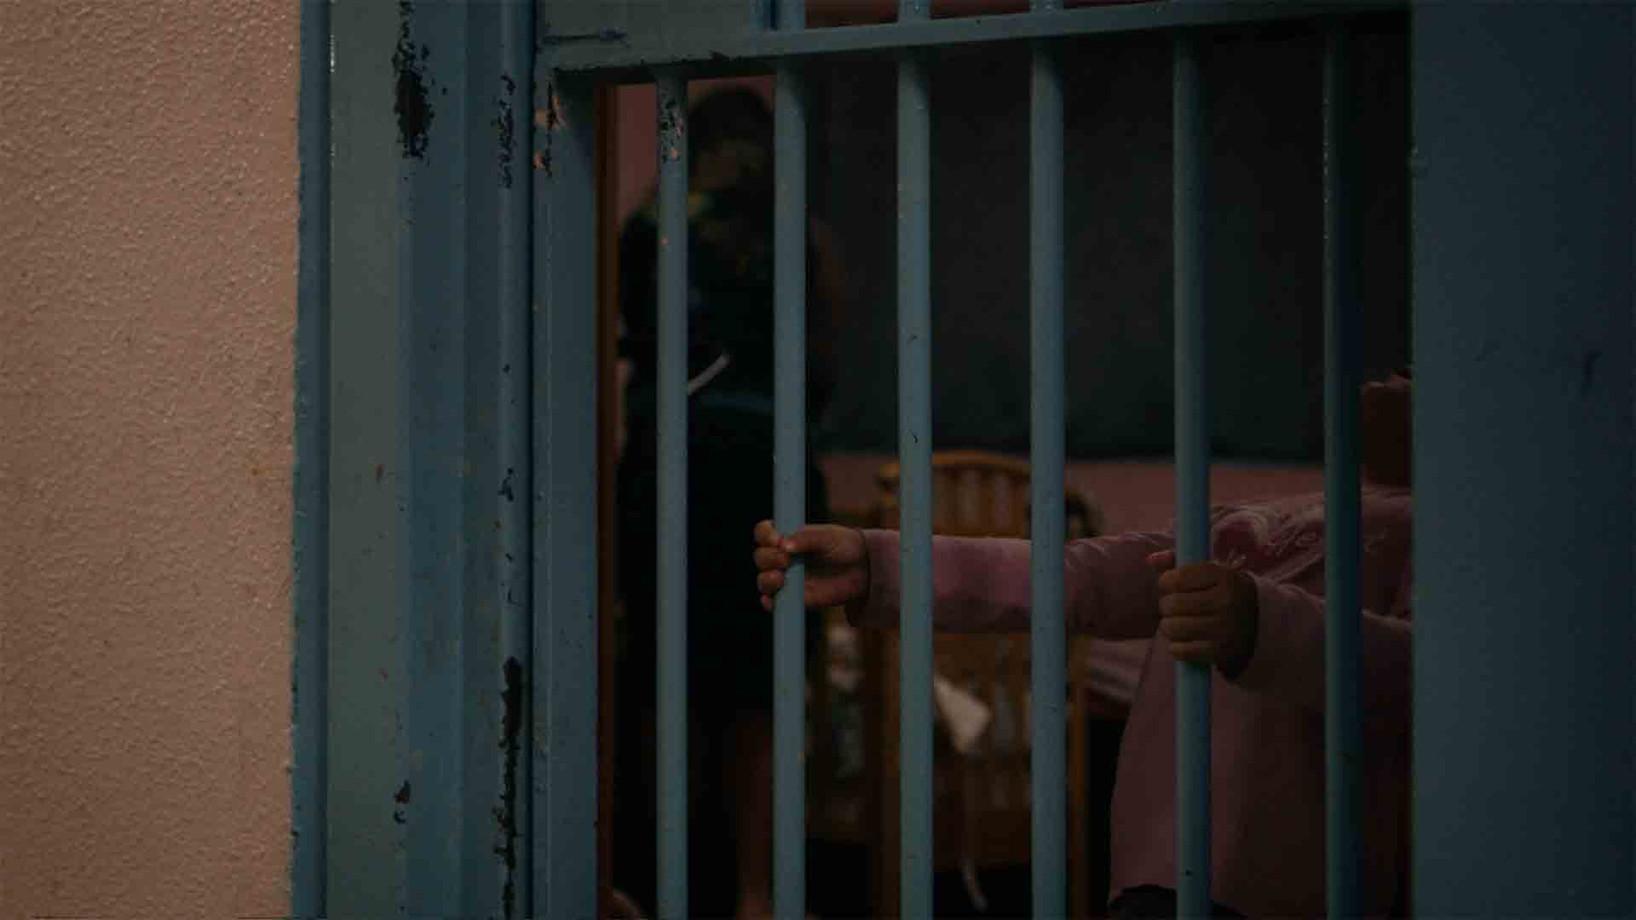 Imprisoned_Lullaby_02.jpg